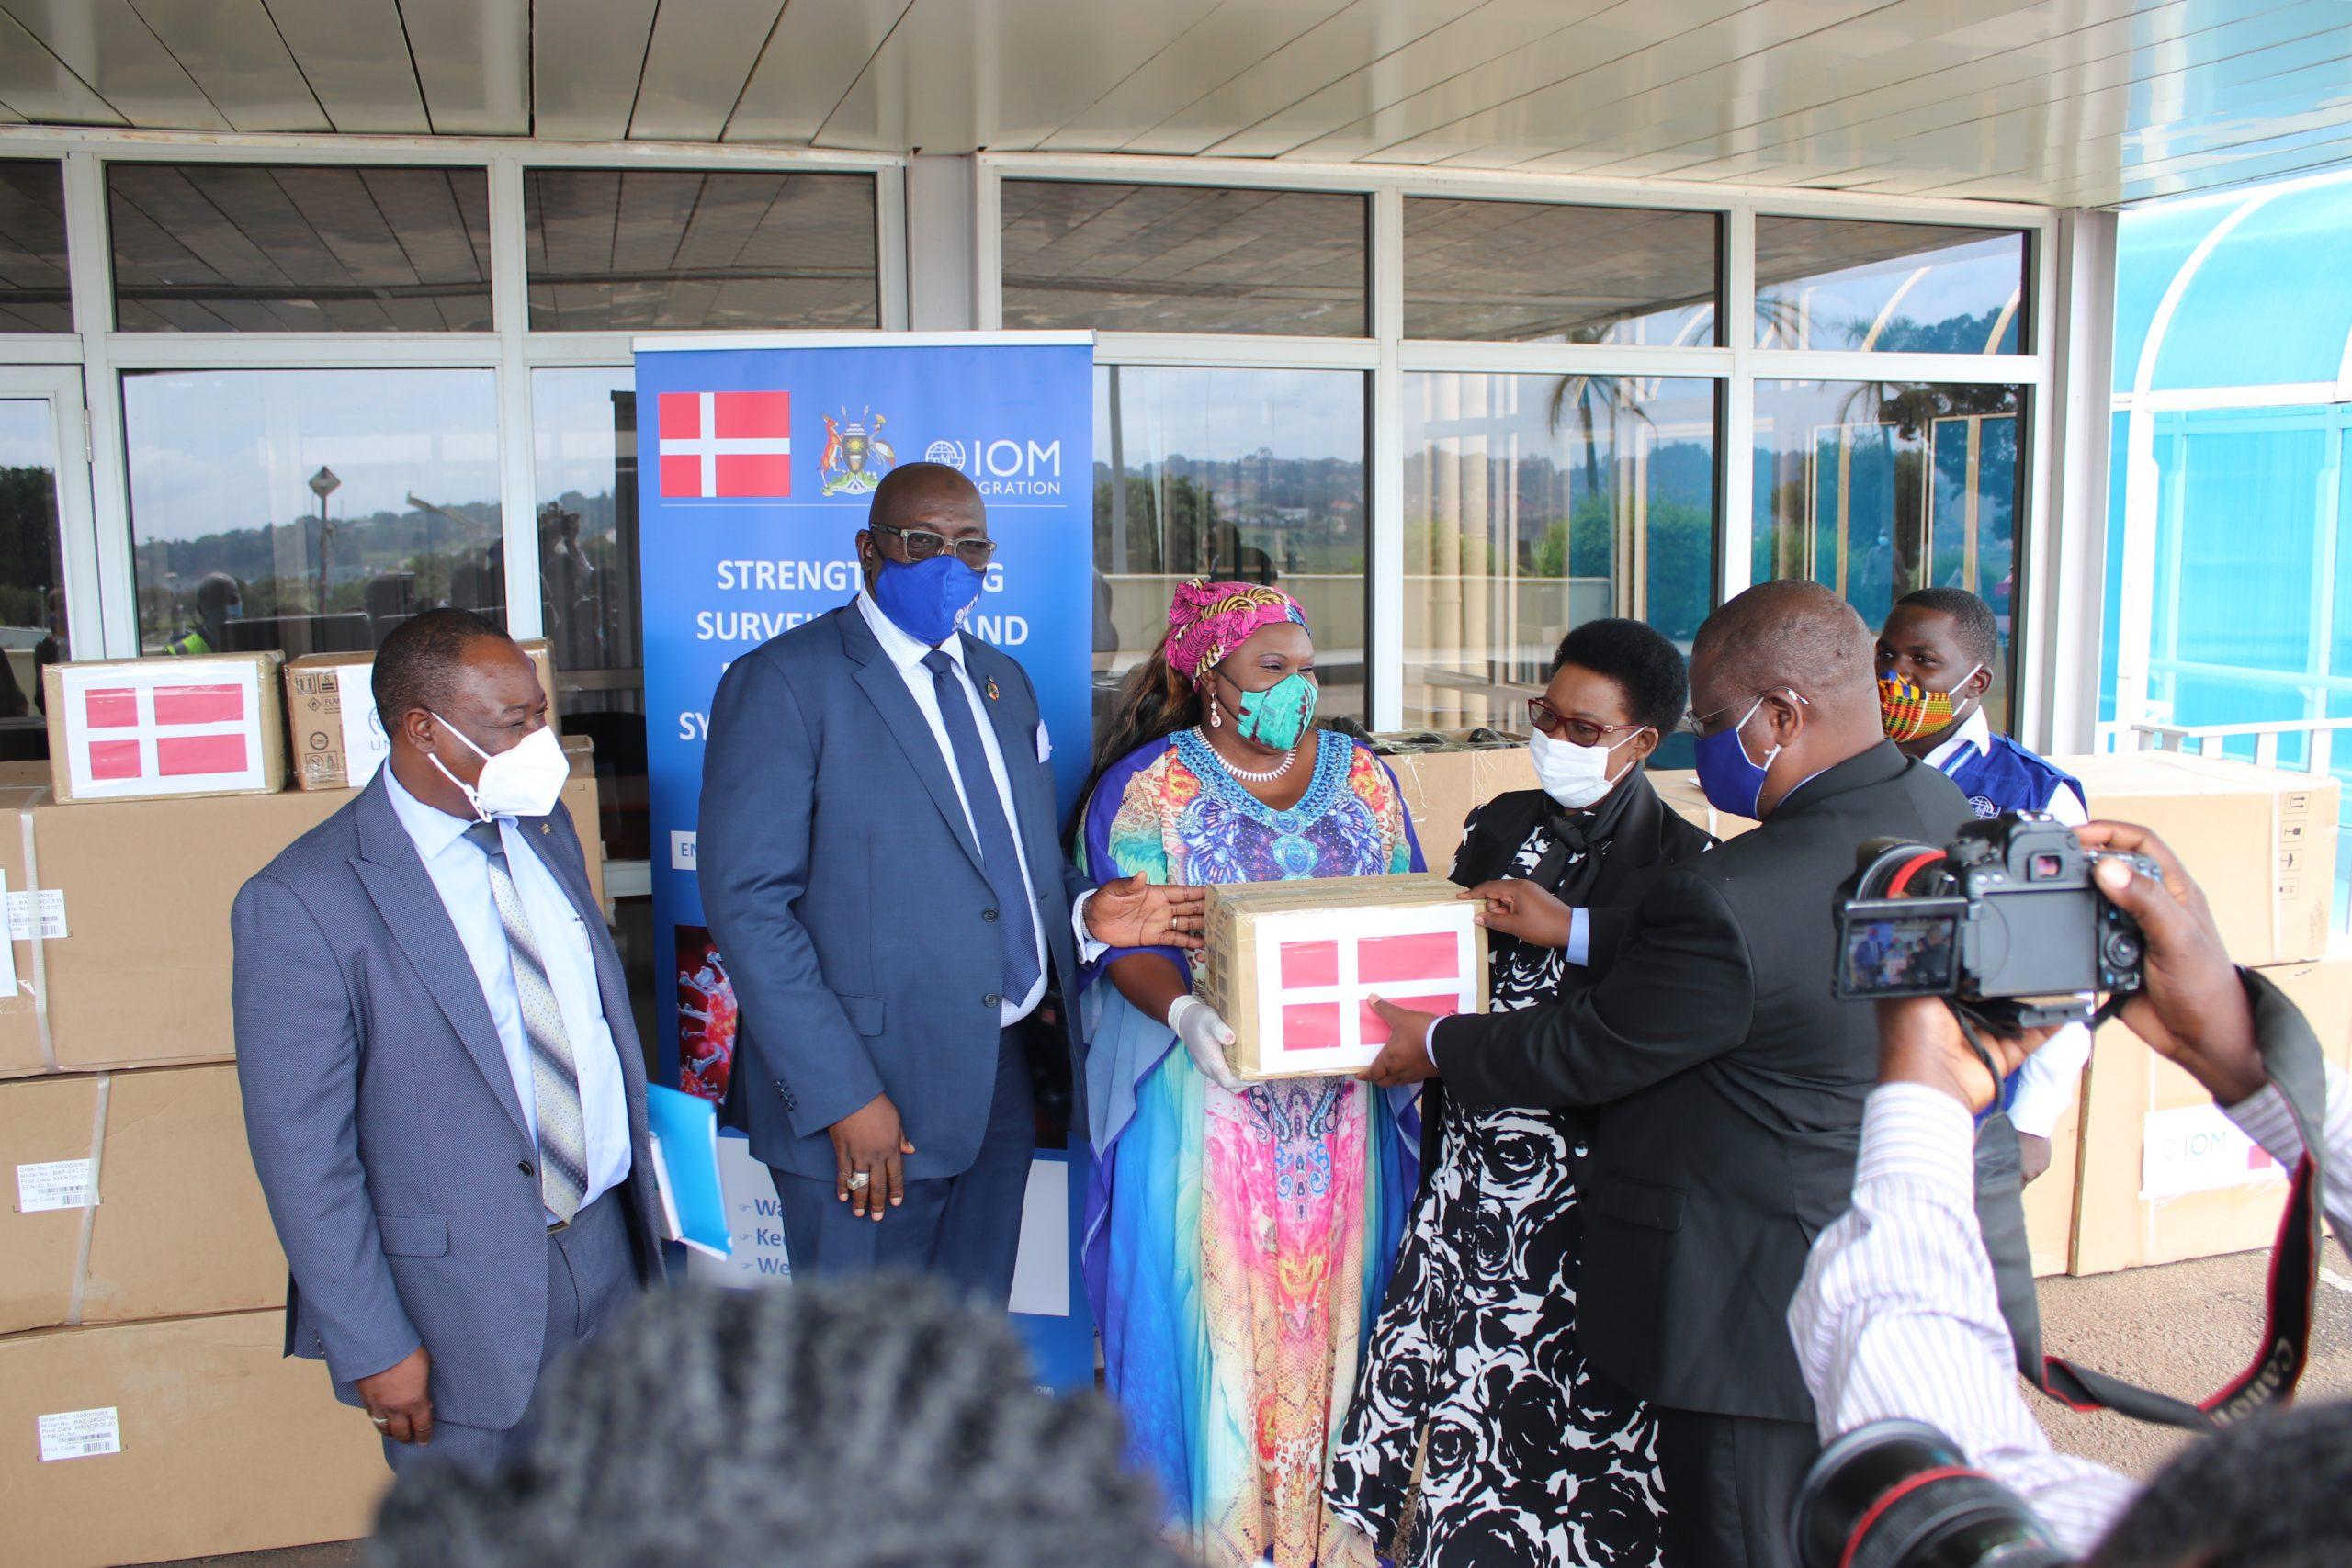 IOG Ugandas missionschef Sanusi Tejan Savage og FN´s udsending Rosa Malango overdrager udstyret til transportminister Joy Kabatsi og direktør for de civile luftfartsmyndigheder Fred Bamwesigye (Foto: IOM | PR)